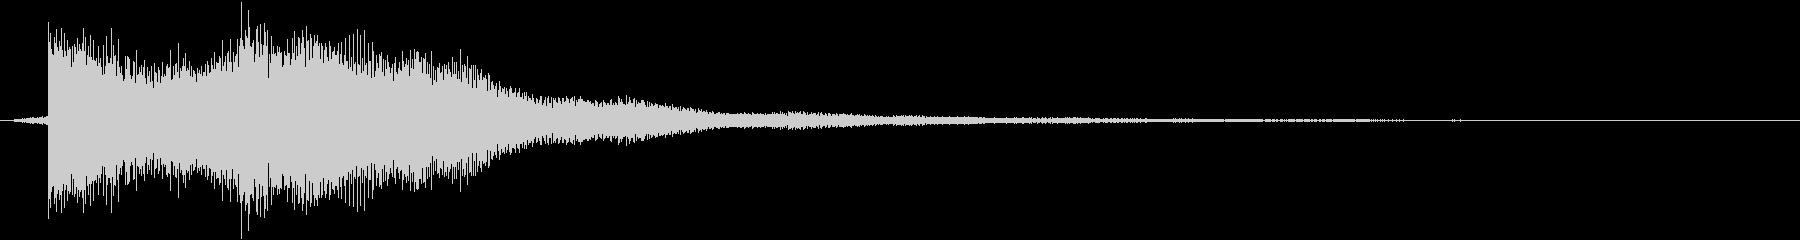 正解 ◯ ピンポンの未再生の波形